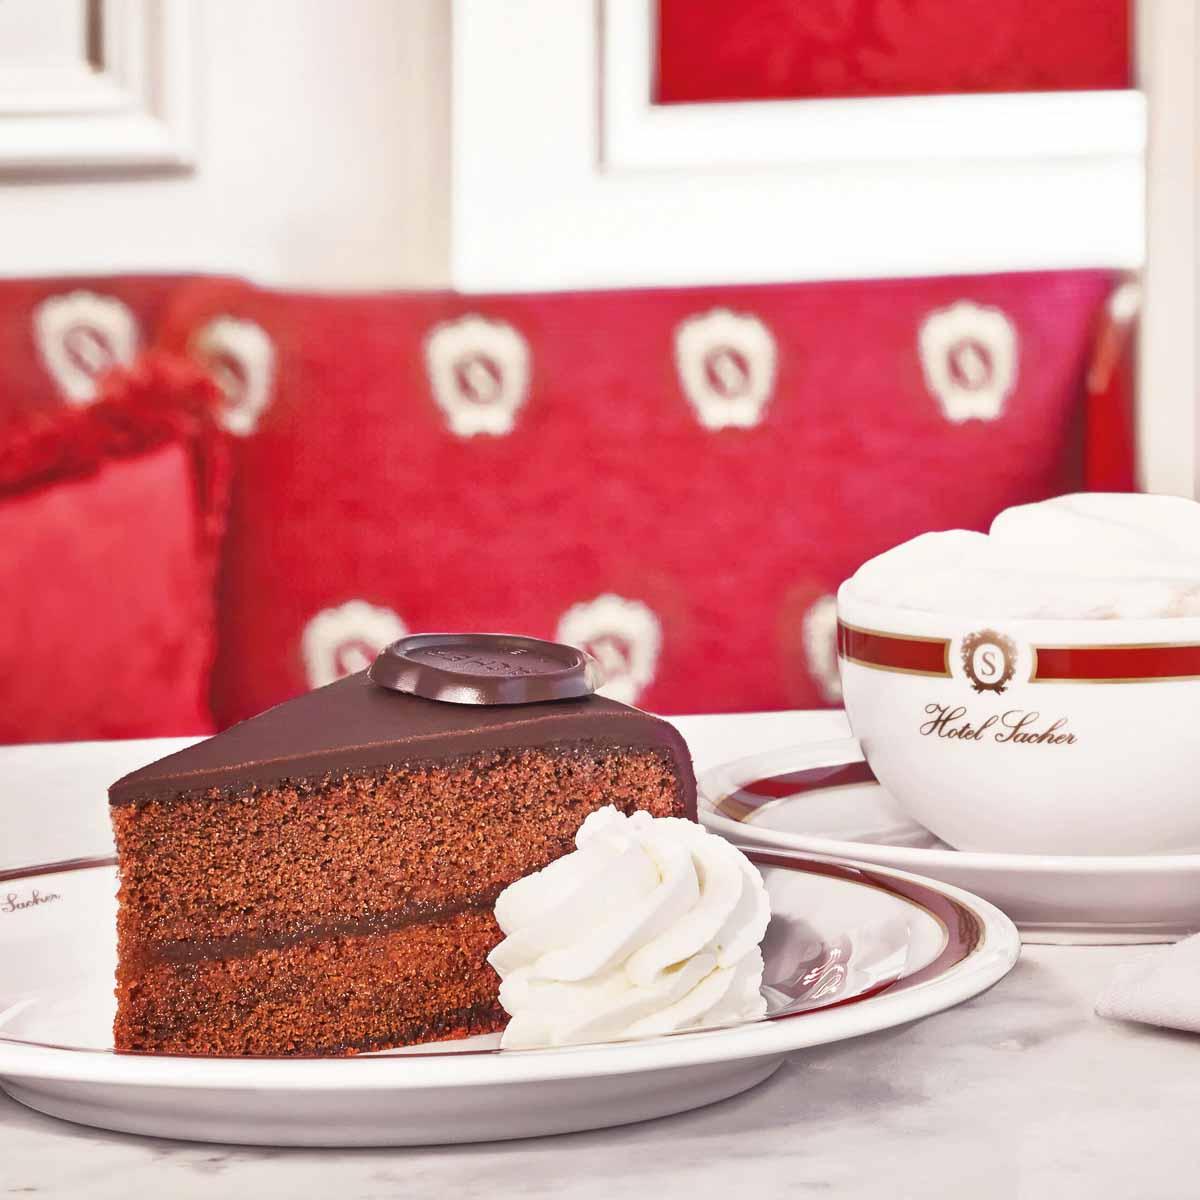 Café Hotel Sacher Wien